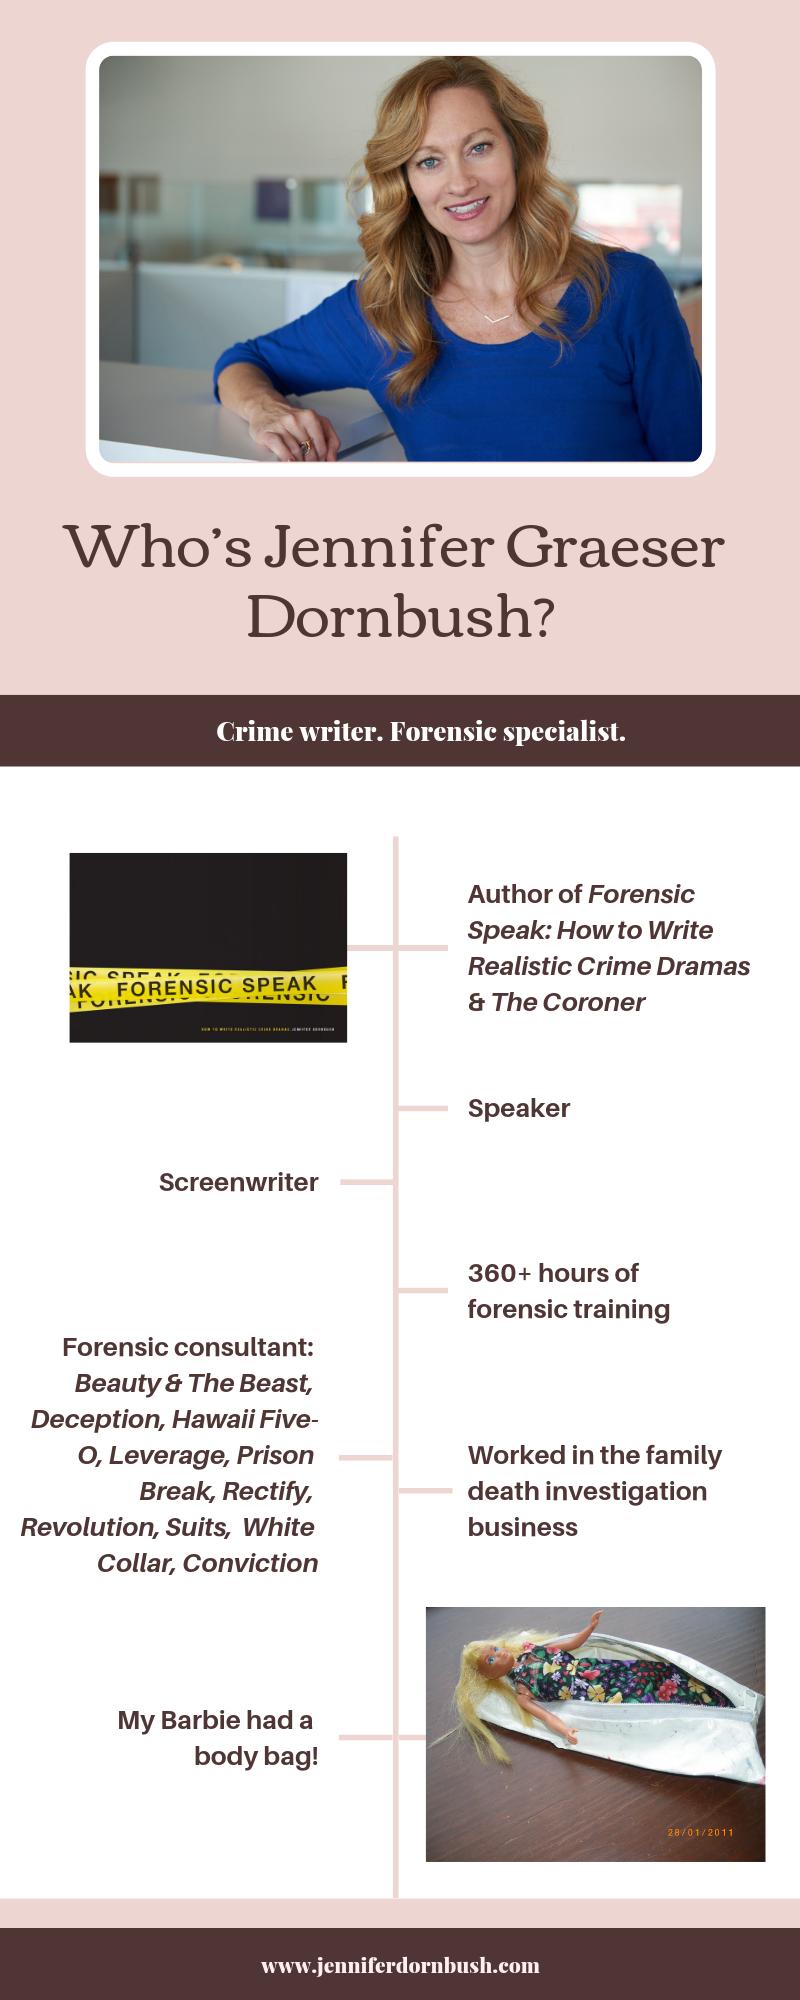 Who's Jennifer Graeser Dornbush?-2.png